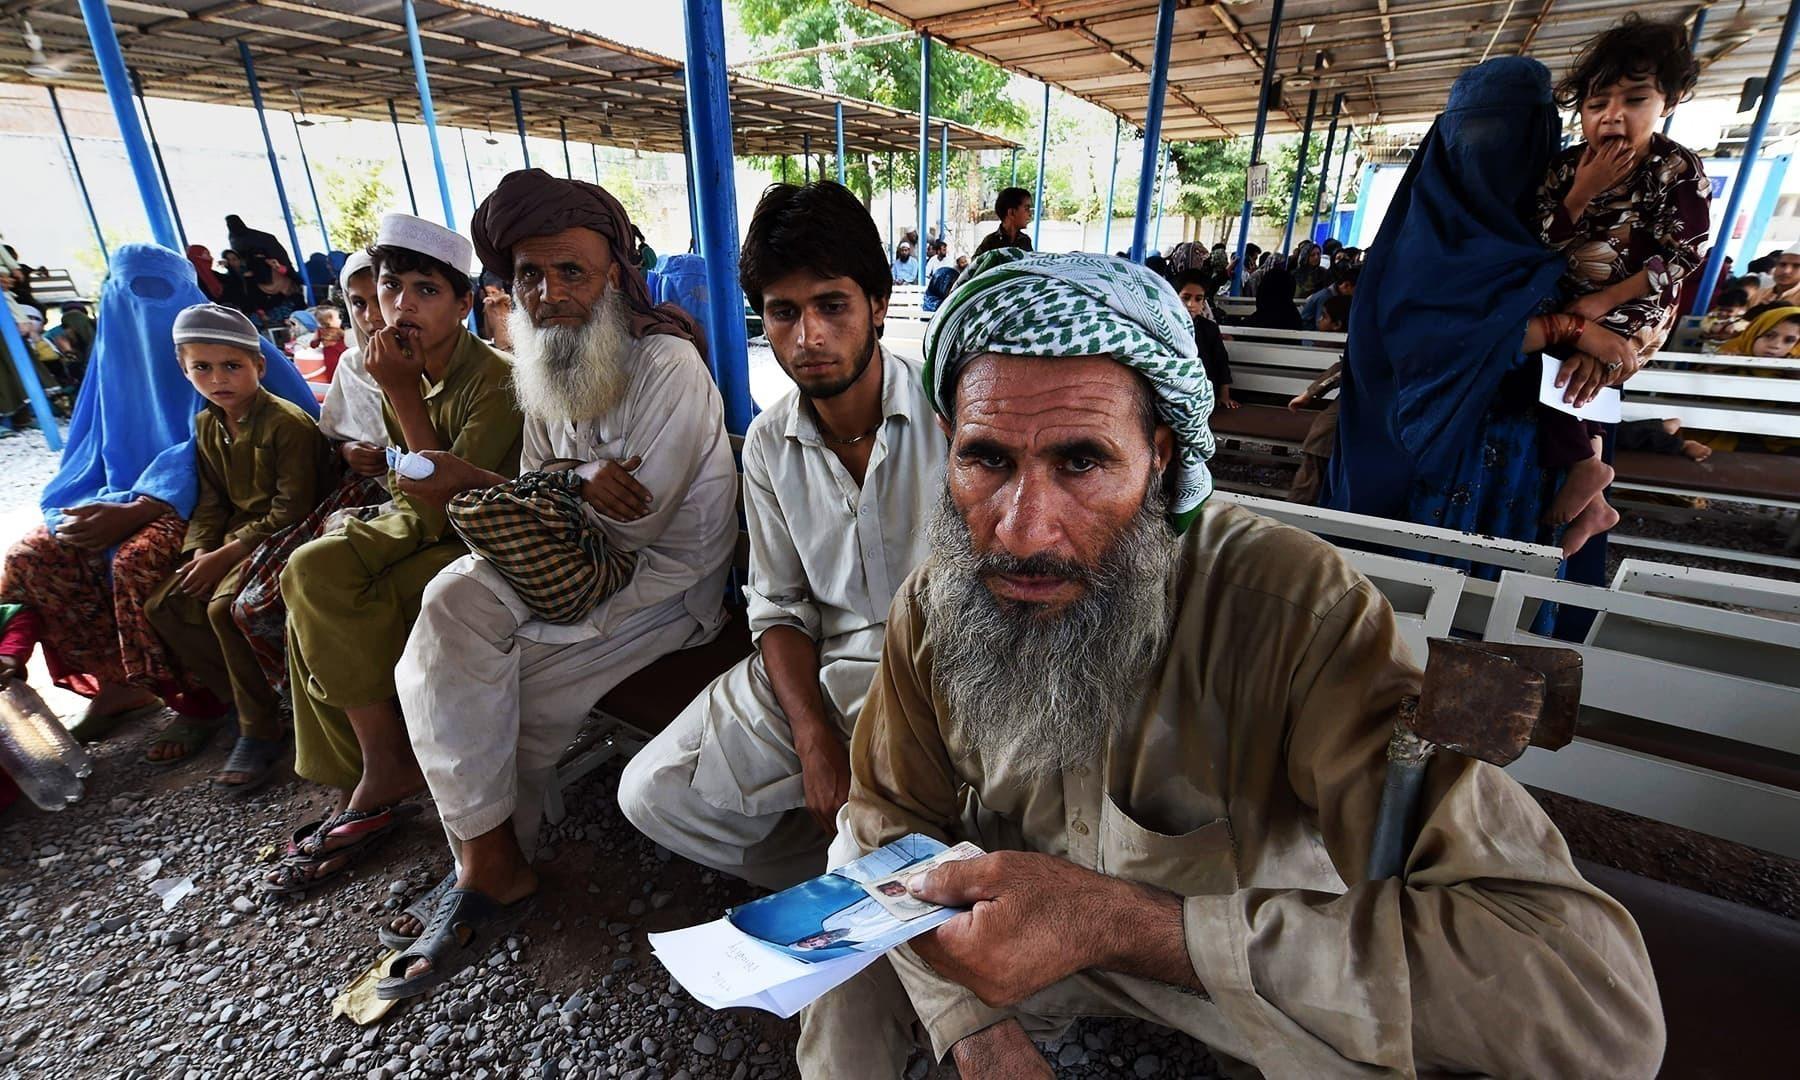 پاکستان 14 لاکھ افغان مہاجرین کی میزبانی کرتا ہے جن کے پاس پی او آر کارڈ موجود ہیں—فائل فوٹو: اے ایف پی